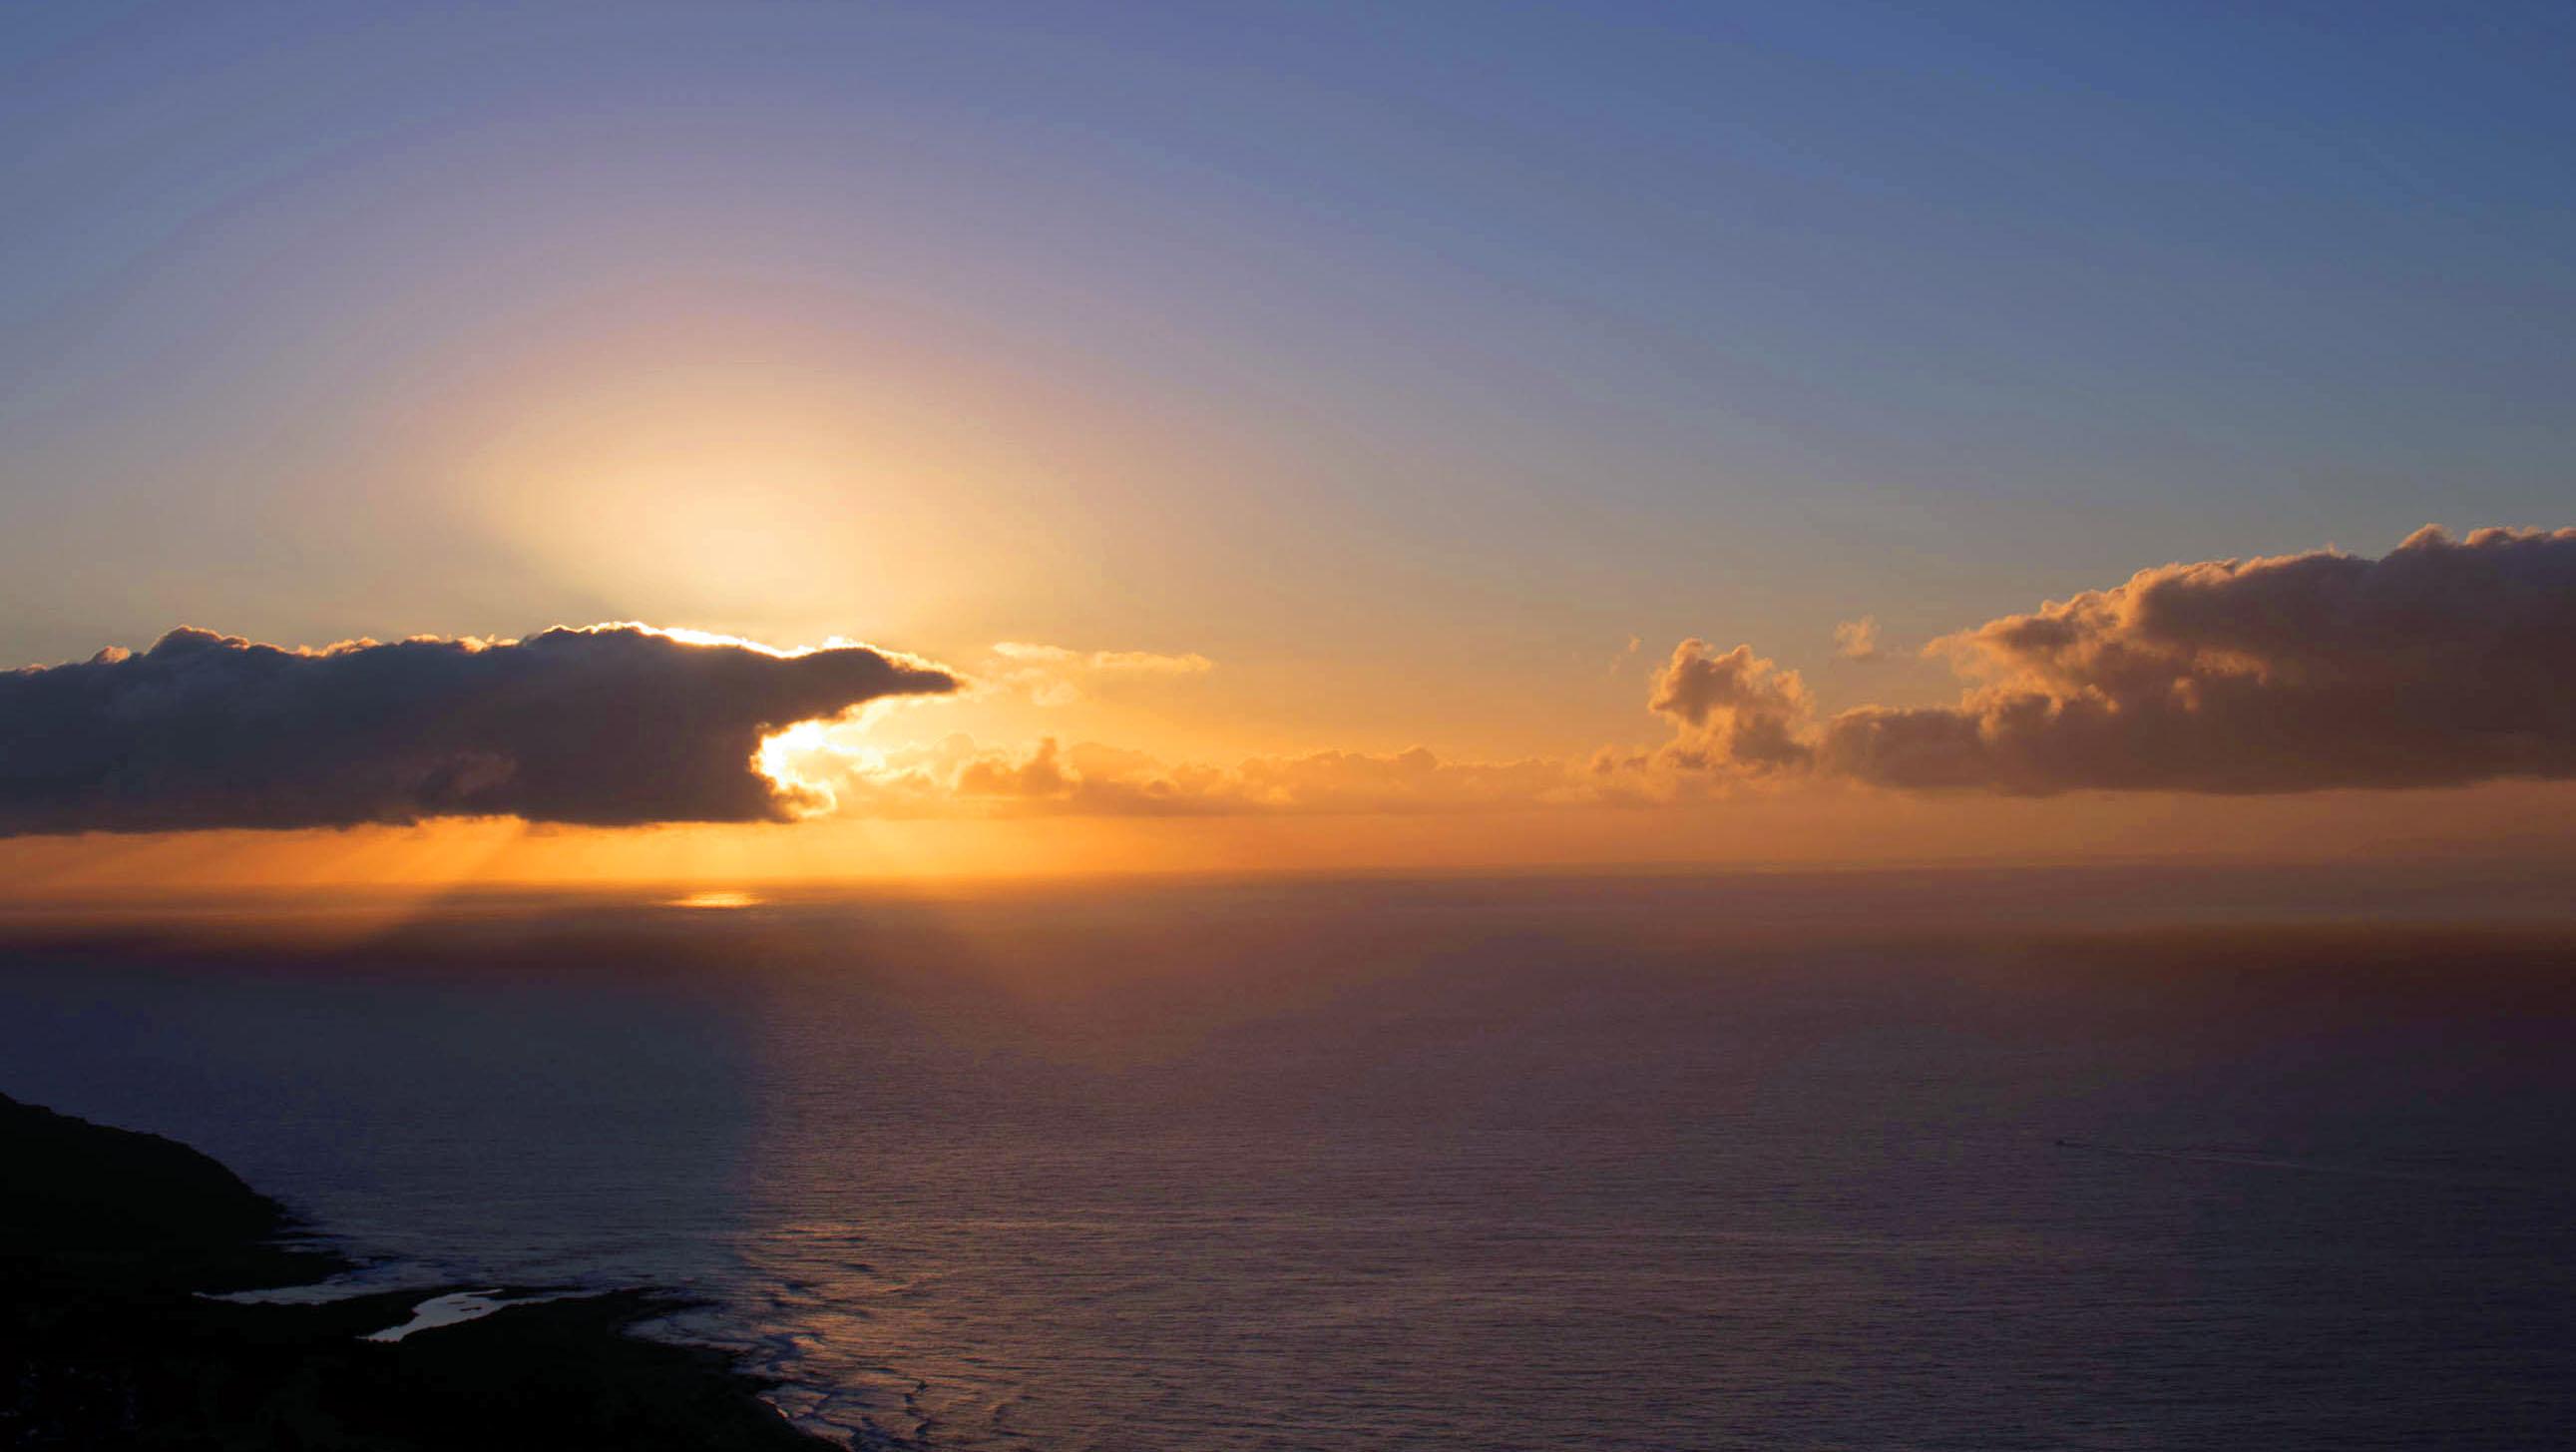 Sunrise at Koko crater, Oahu, Hawai'i